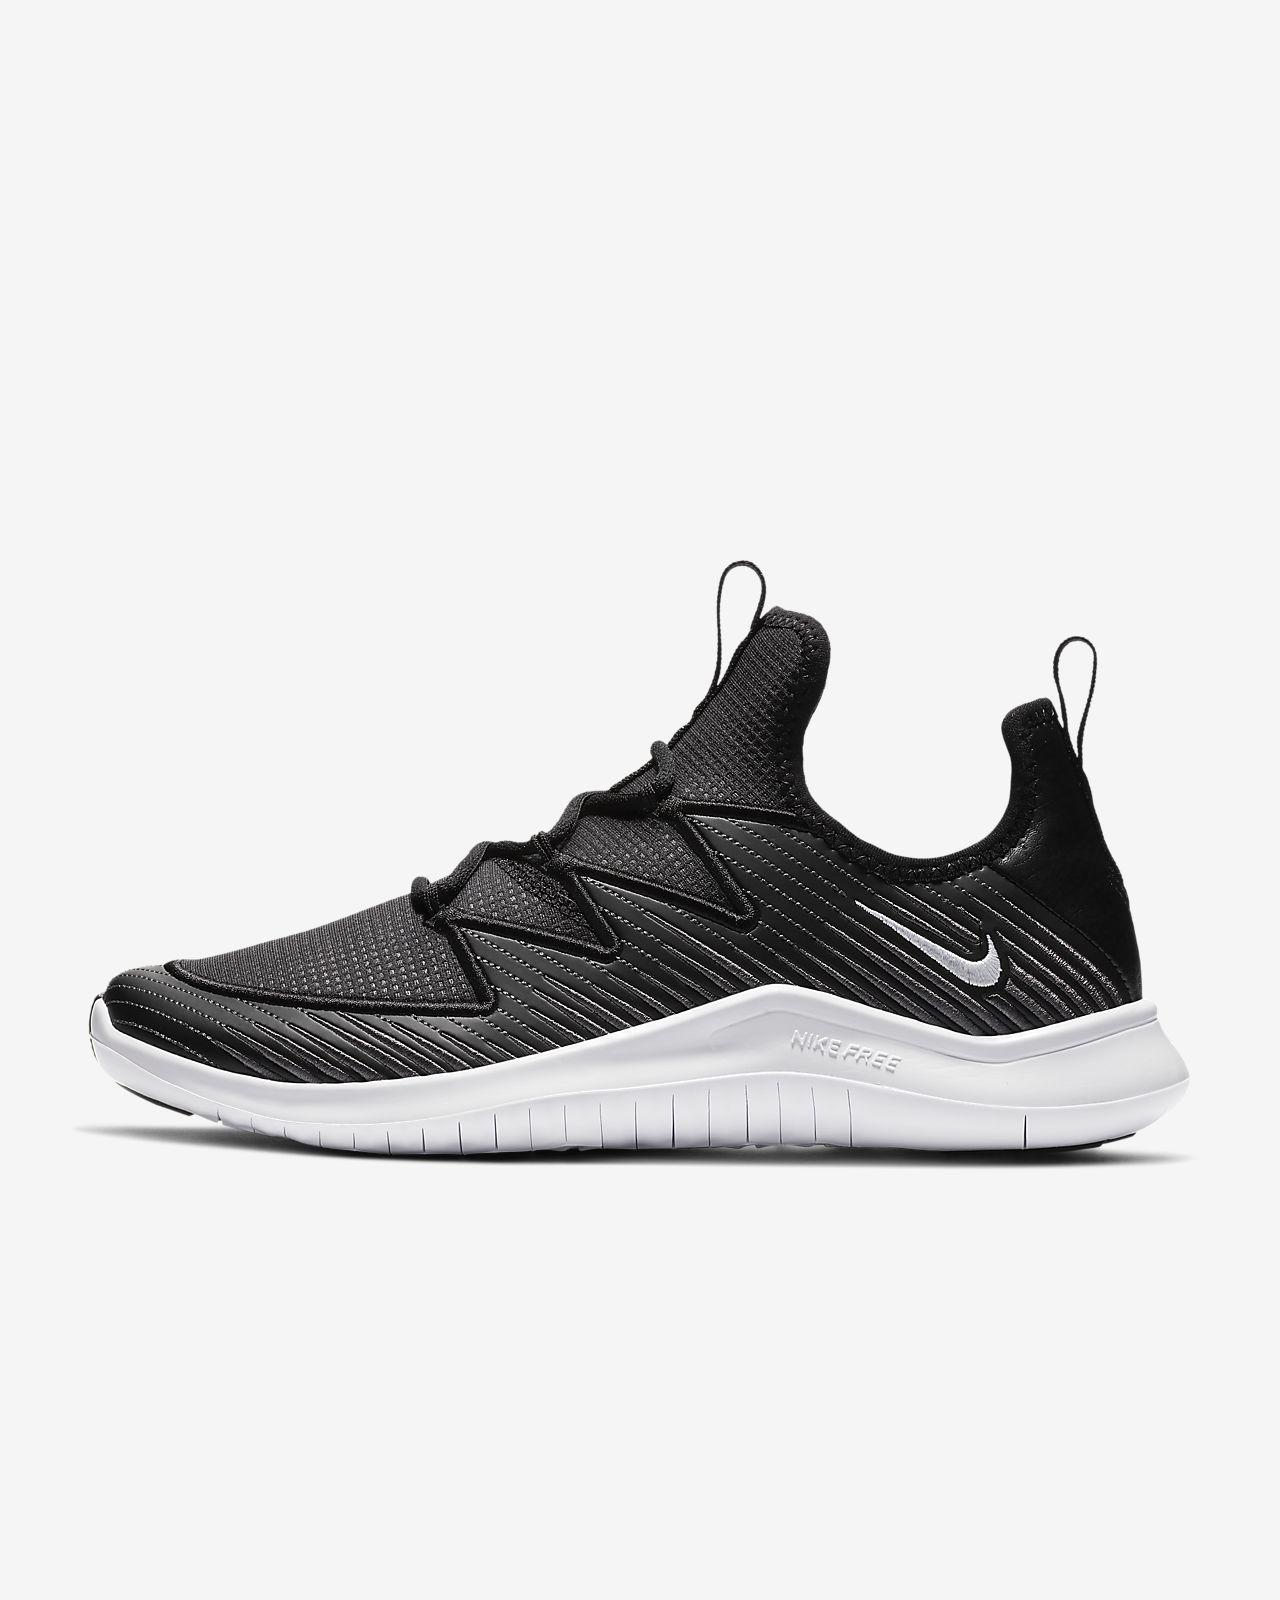 wholesale dealer ceb01 abf94 Nike Free TR Ultra-træningssko til kvinder